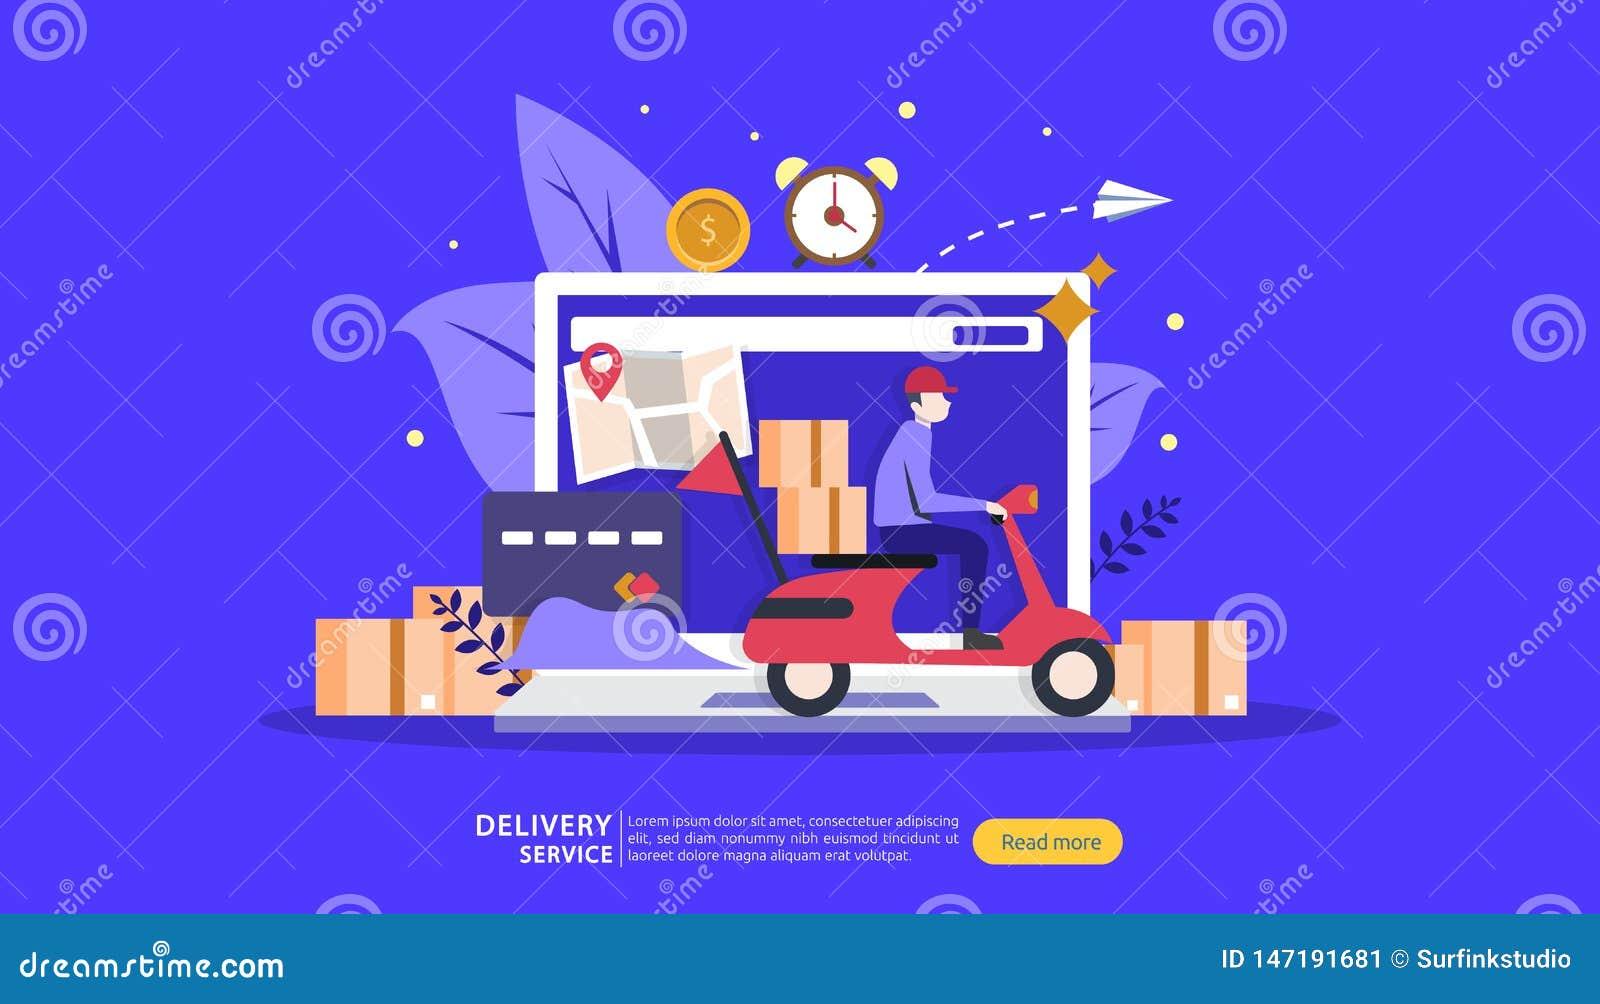 Онлайн обслуживание доставки концепция заказа срочная отслеживая с крошечной тележкой коробки характера и груза шаблон для страни